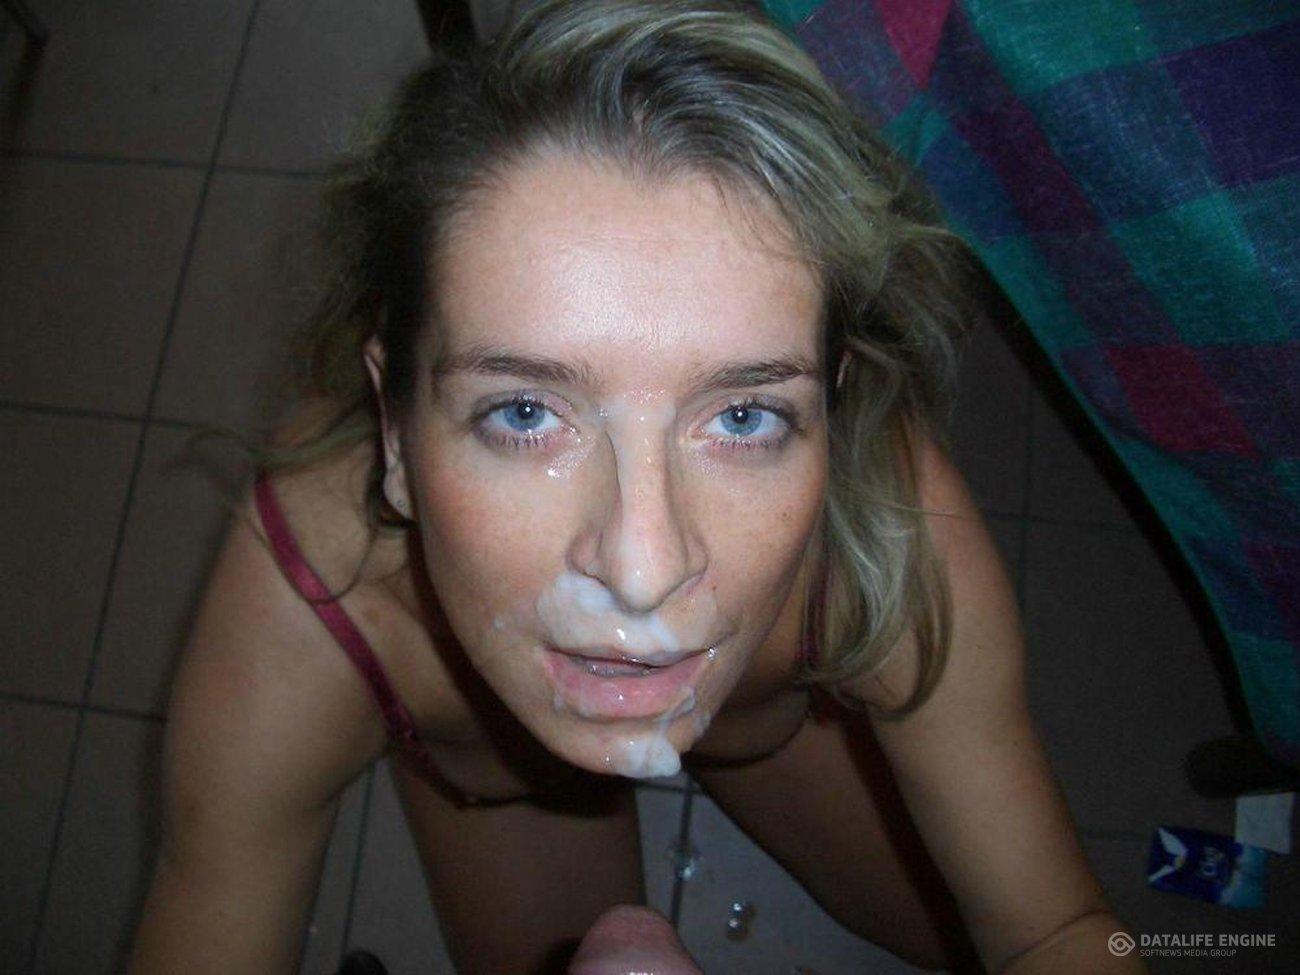 Сперма в лицо на улице, Гуляют со спермой на лице - видео Yo-Sex 3 фотография